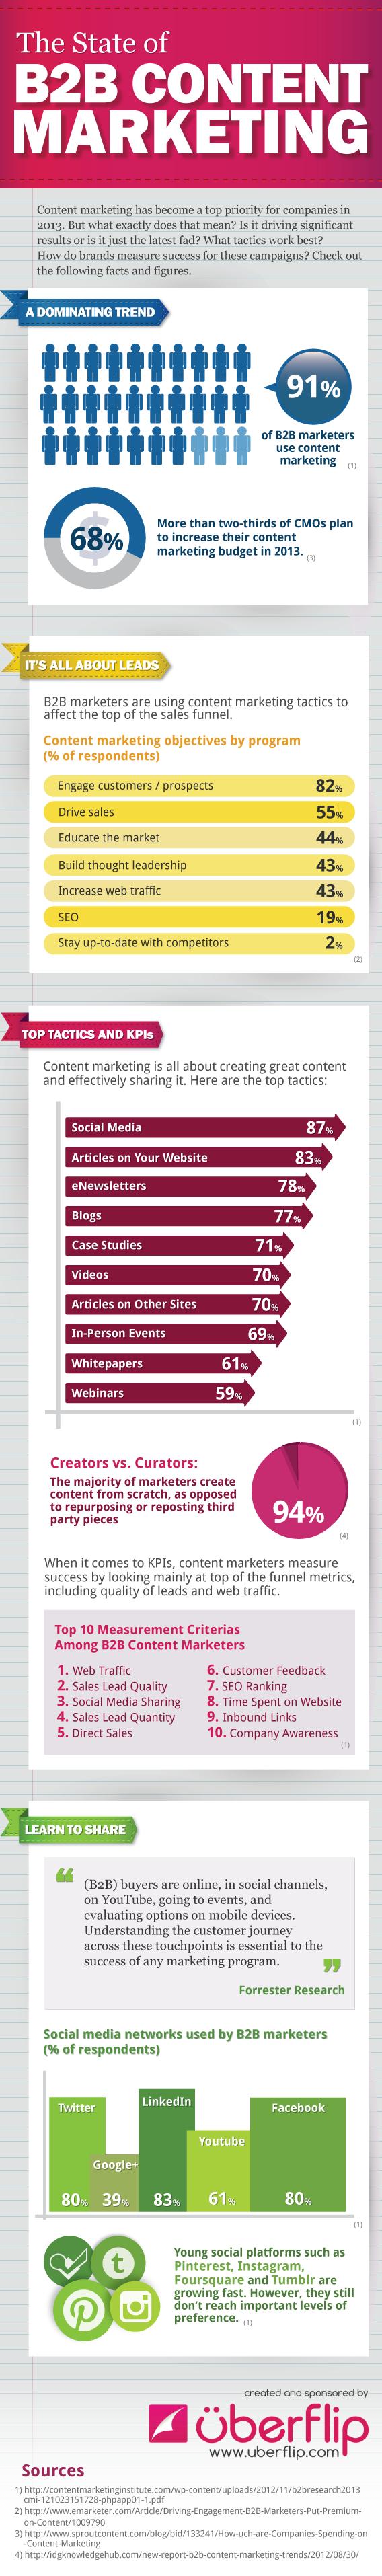 infographic uberflip b2b contentmarketing